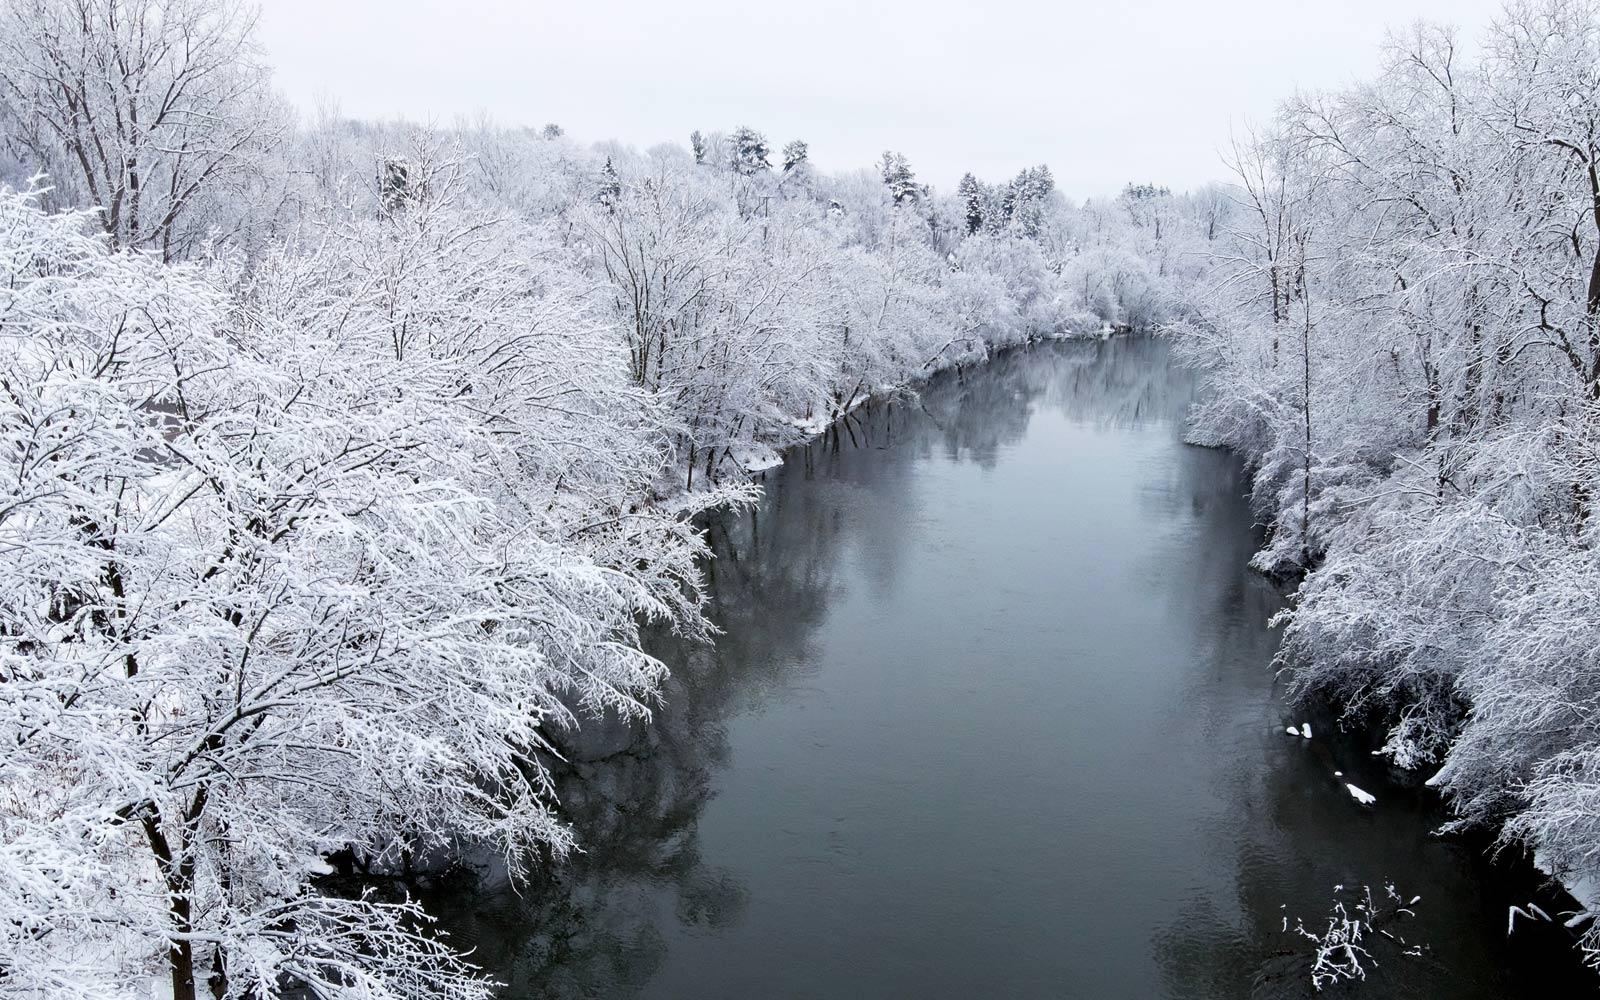 Ochlazení po saunování může být v zimě i vzduchem, když je venku dostatečně zima